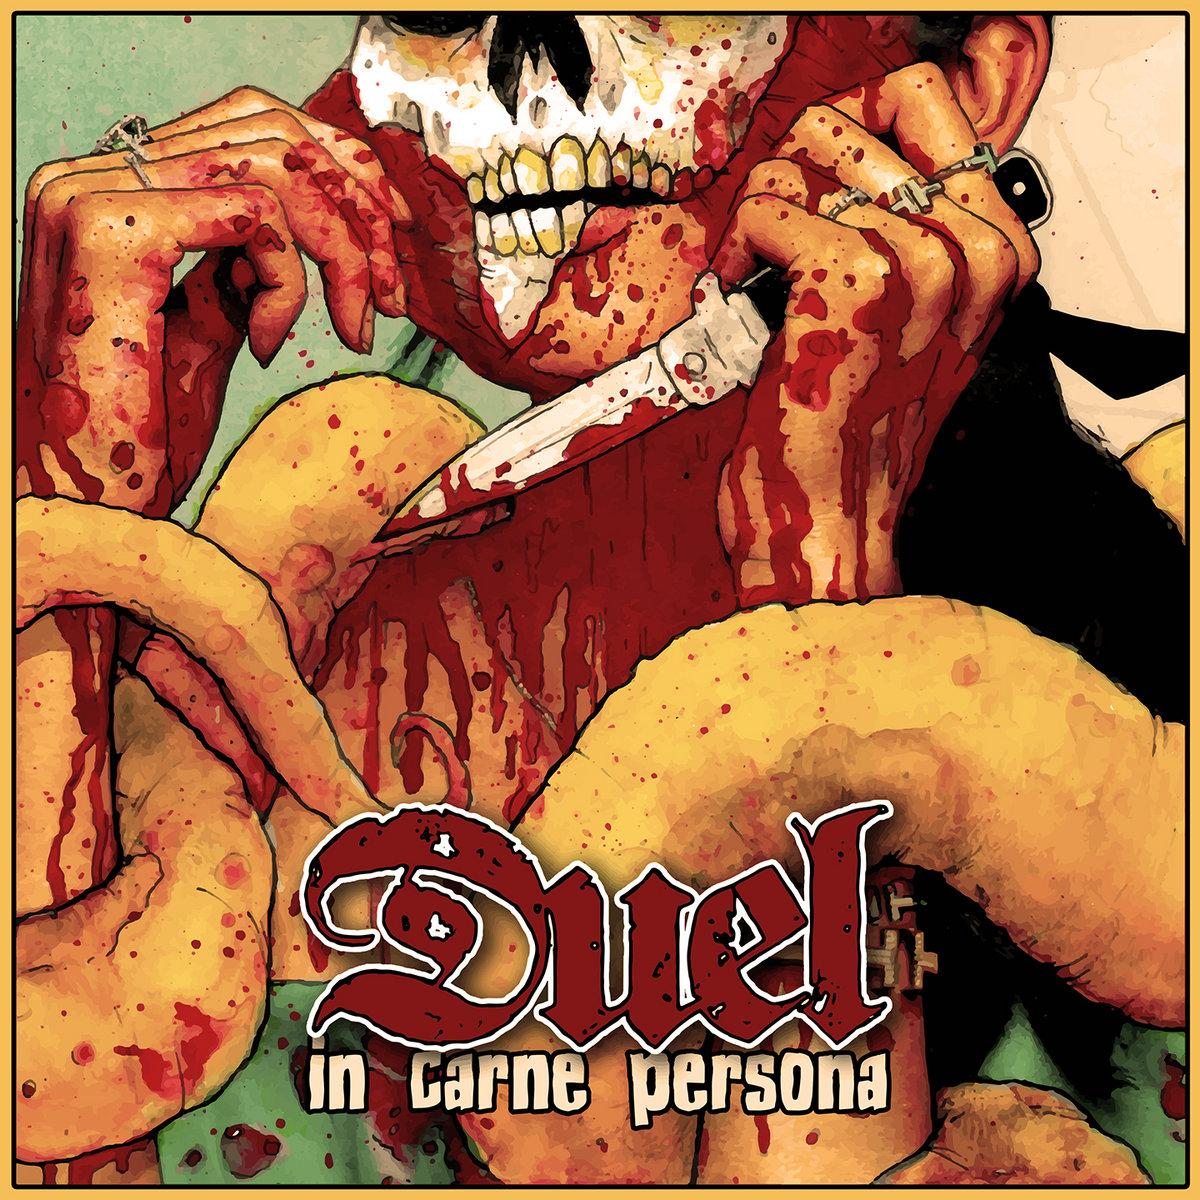 DUEL regresan con su nuevo álbum 'IN CARNE PERSONA' y liberan su single 'Children Of TheFire'